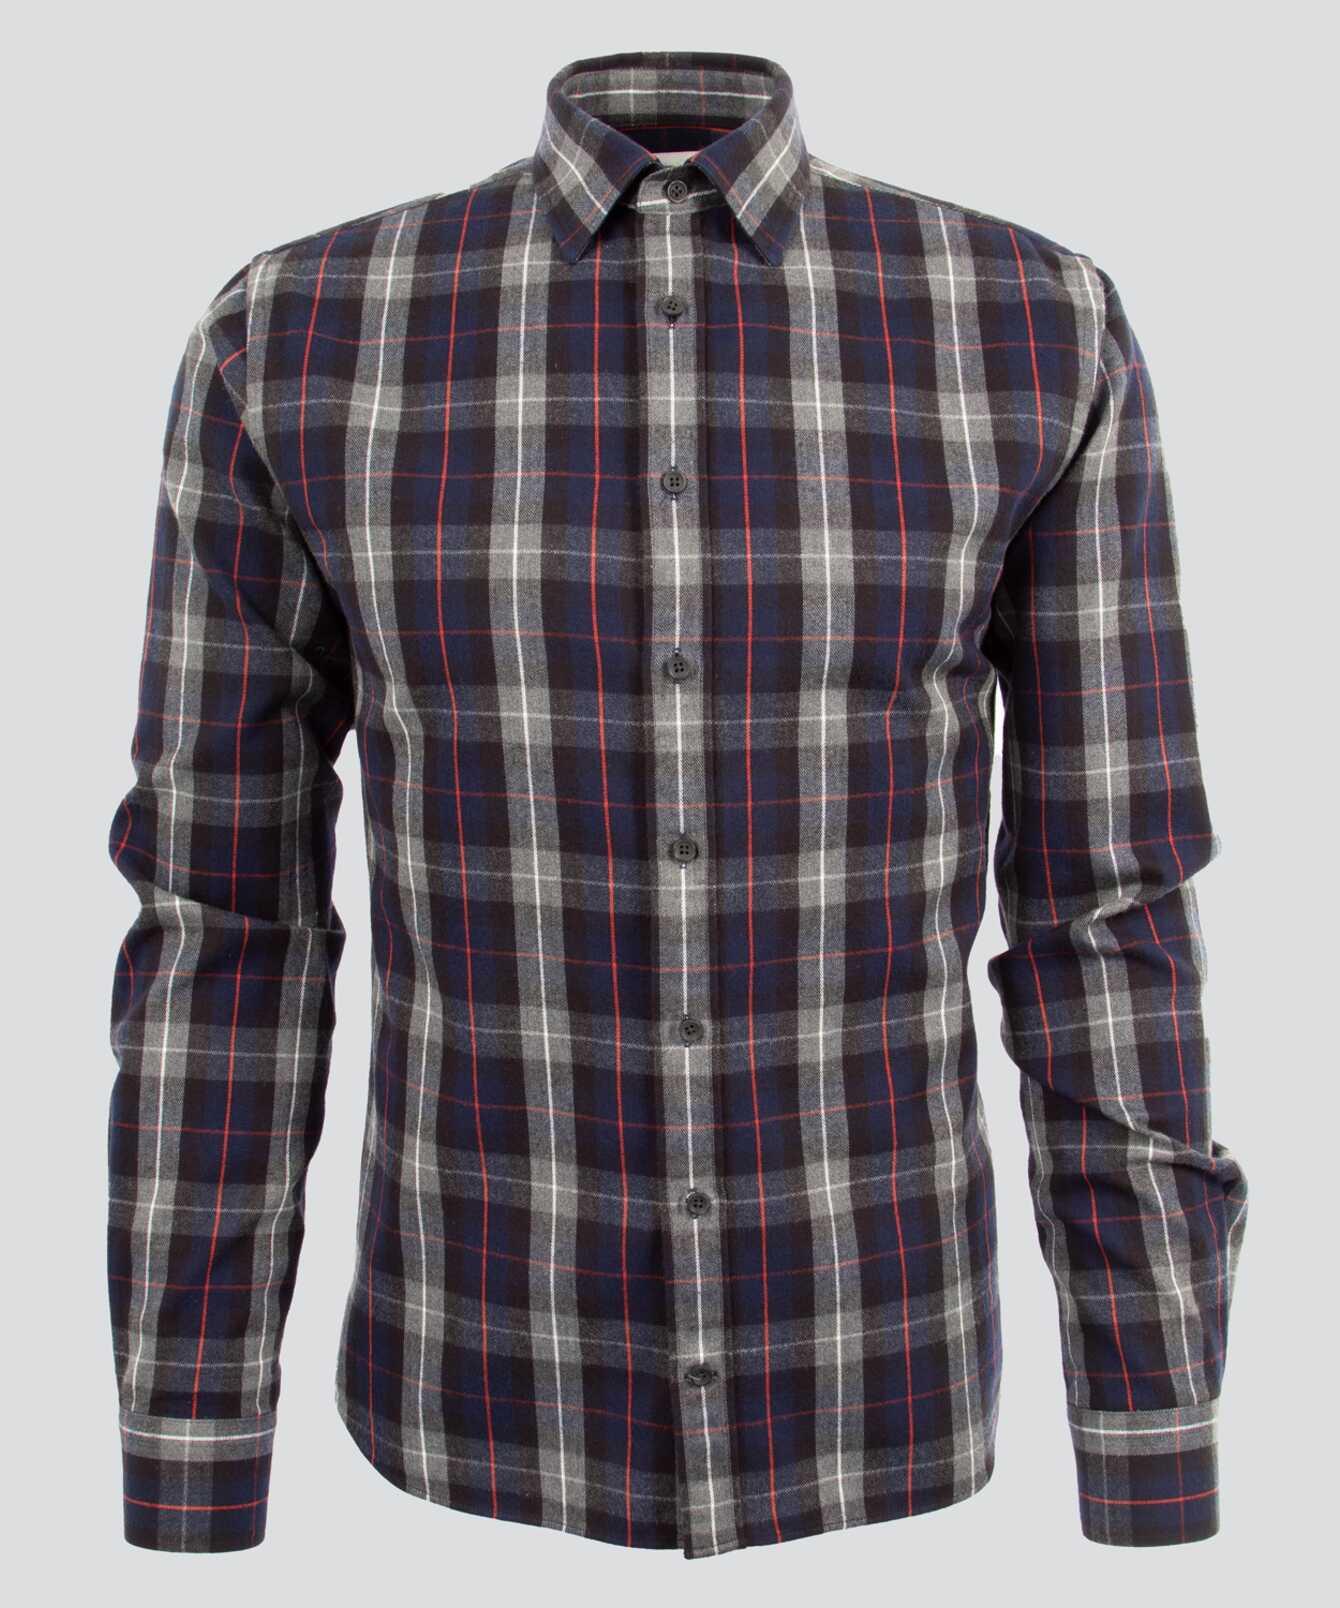 Shirt Girdwood The Shirt Factory